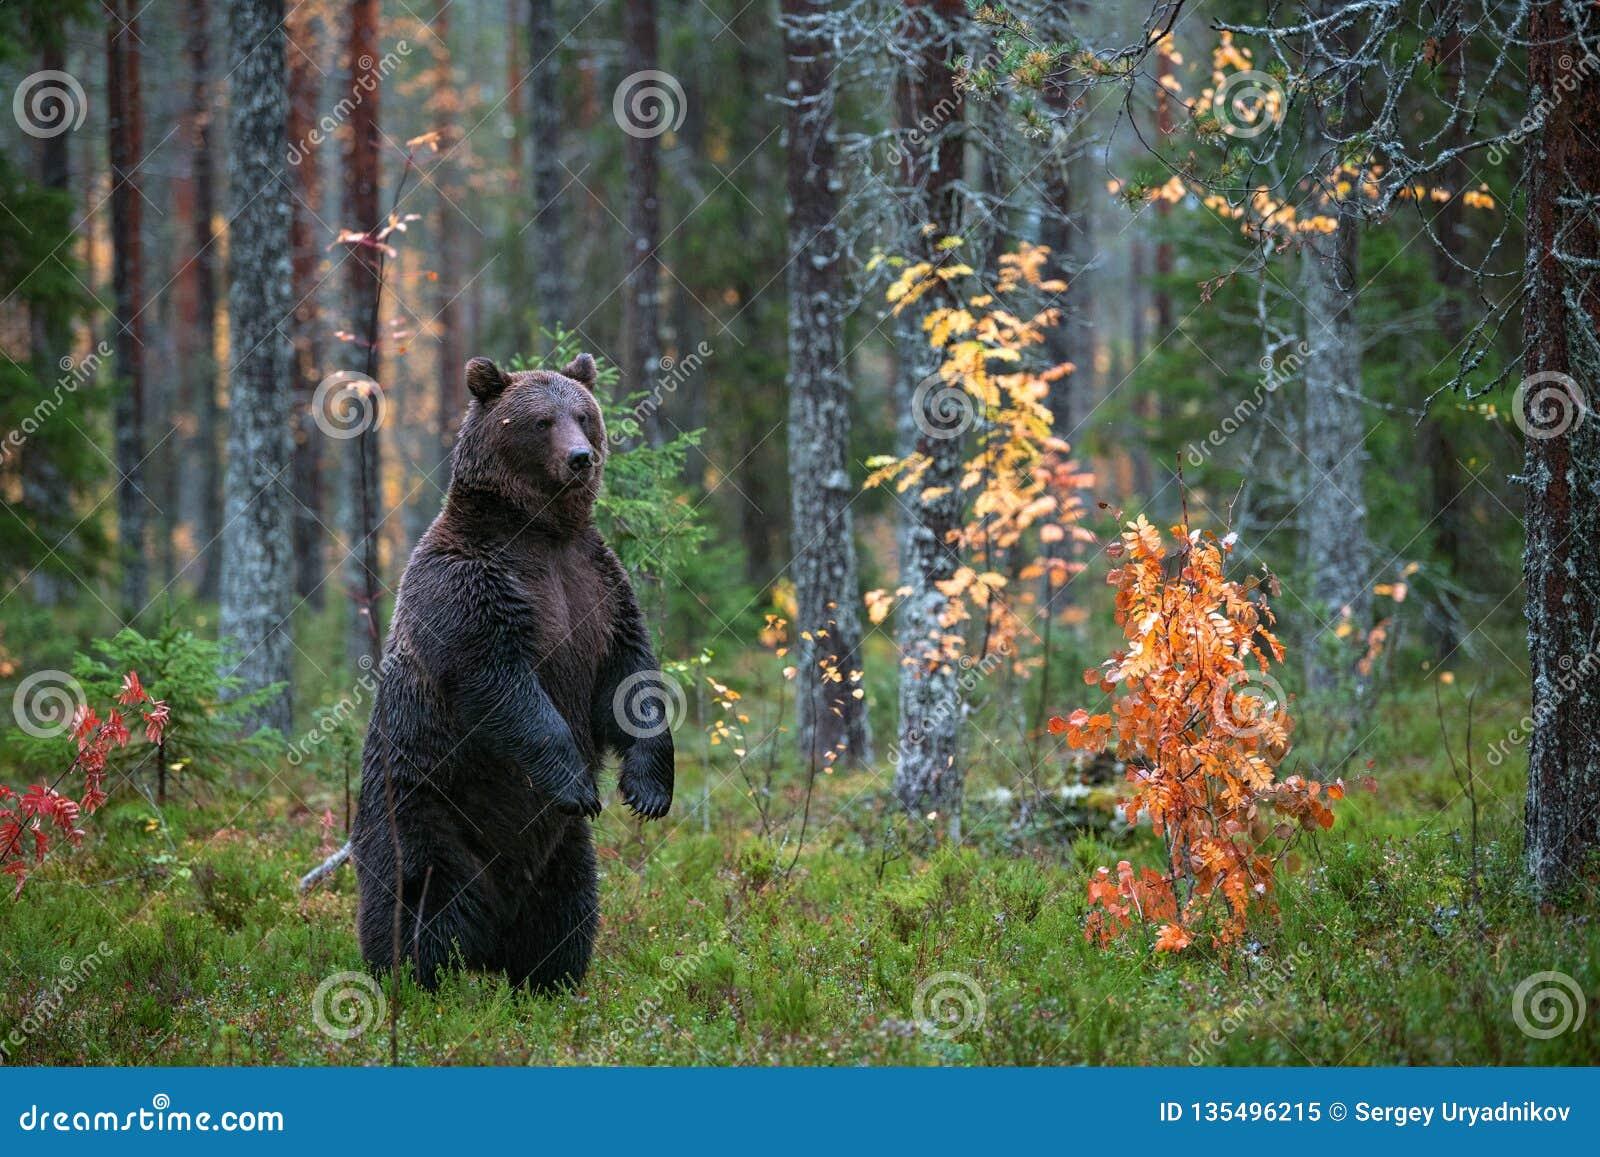 Orso bruno che sta sulle sue gambe posteriori nella foresta di autunno